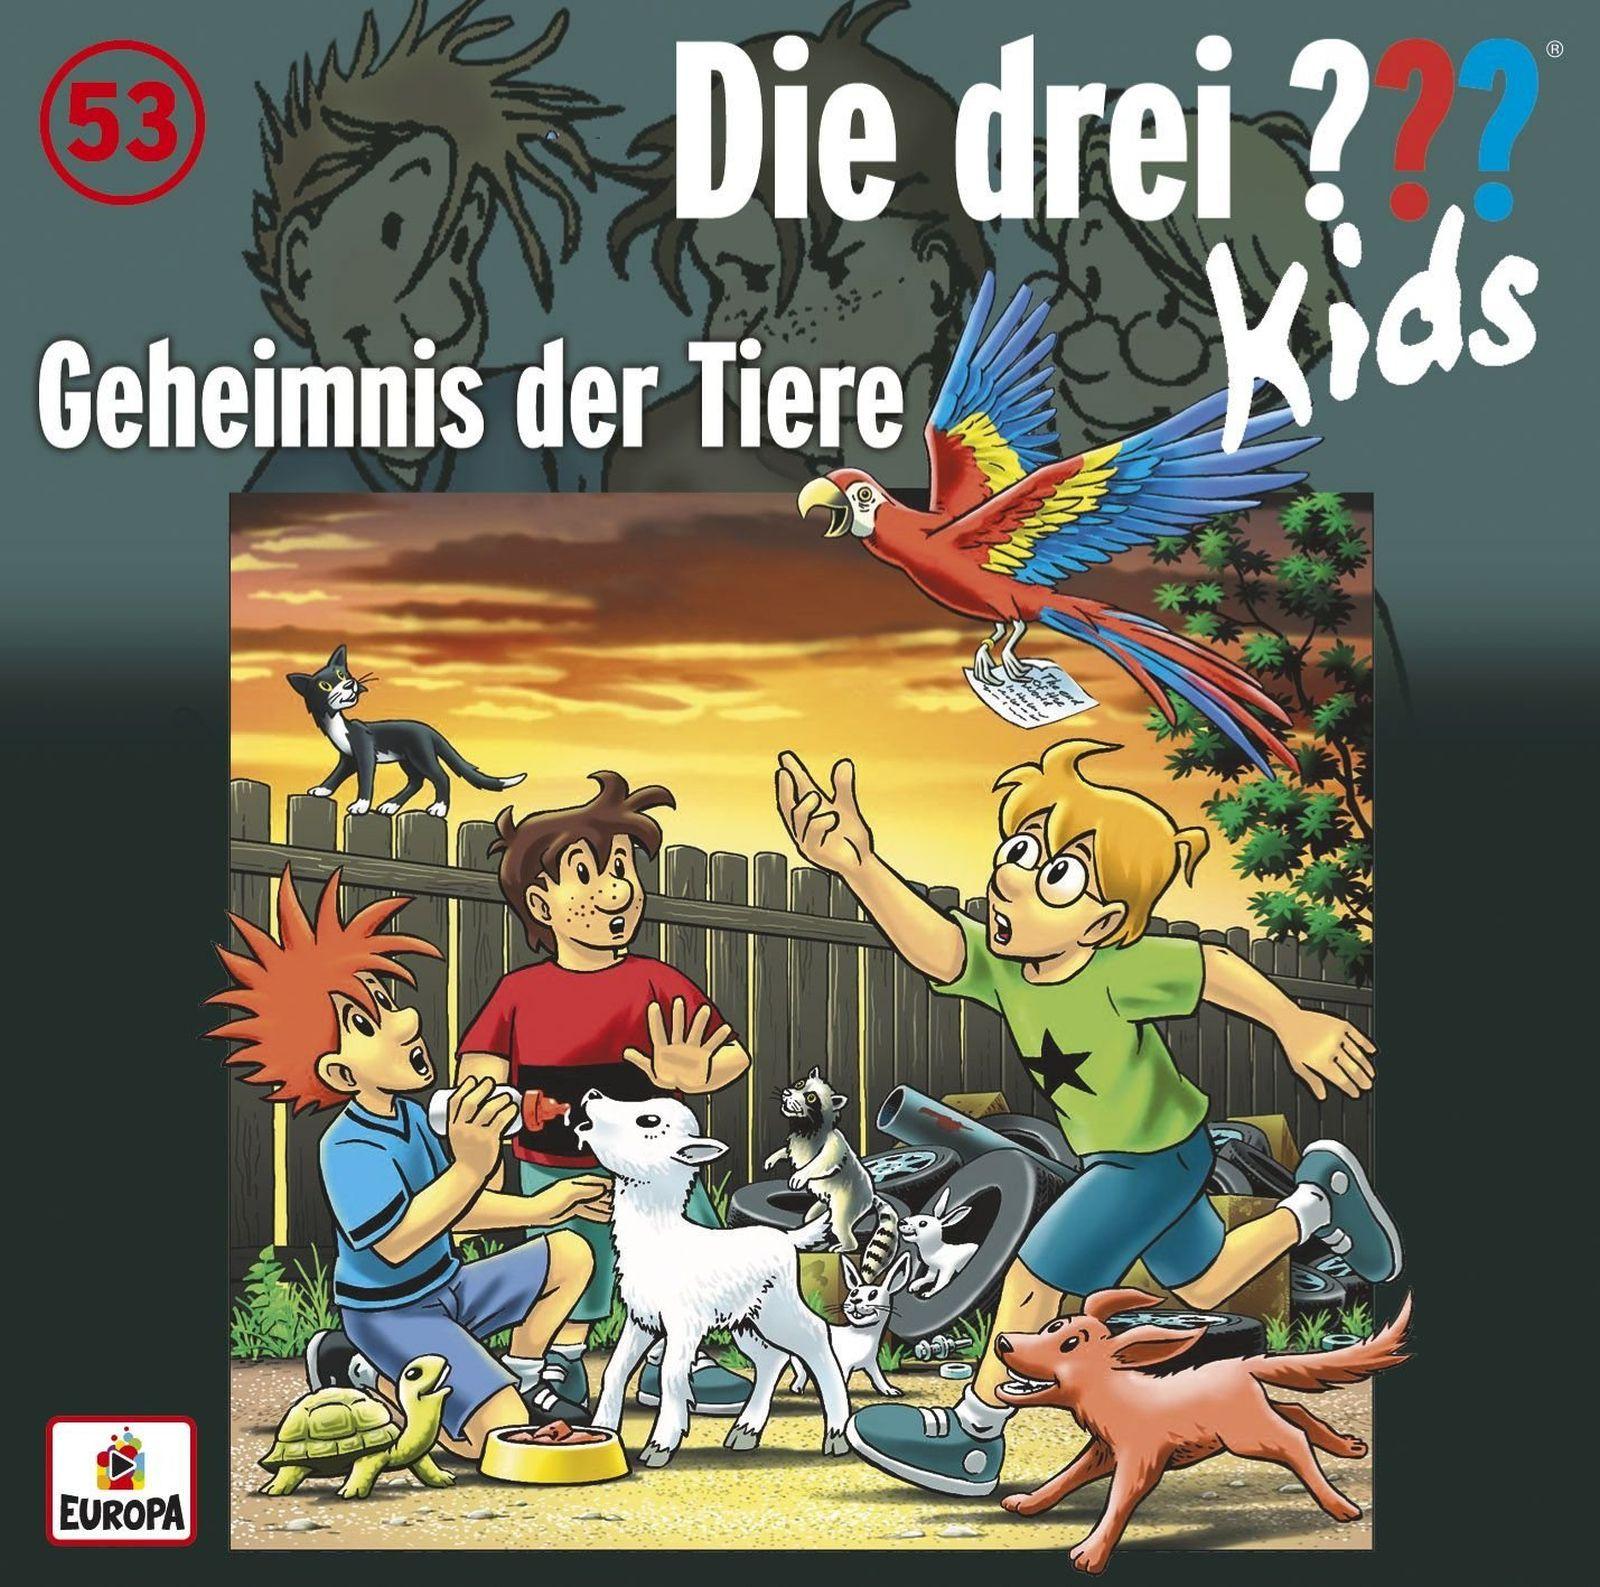 Die drei ??? Fragezeichen Kids - Folge 53: Geheimnis der Tiere